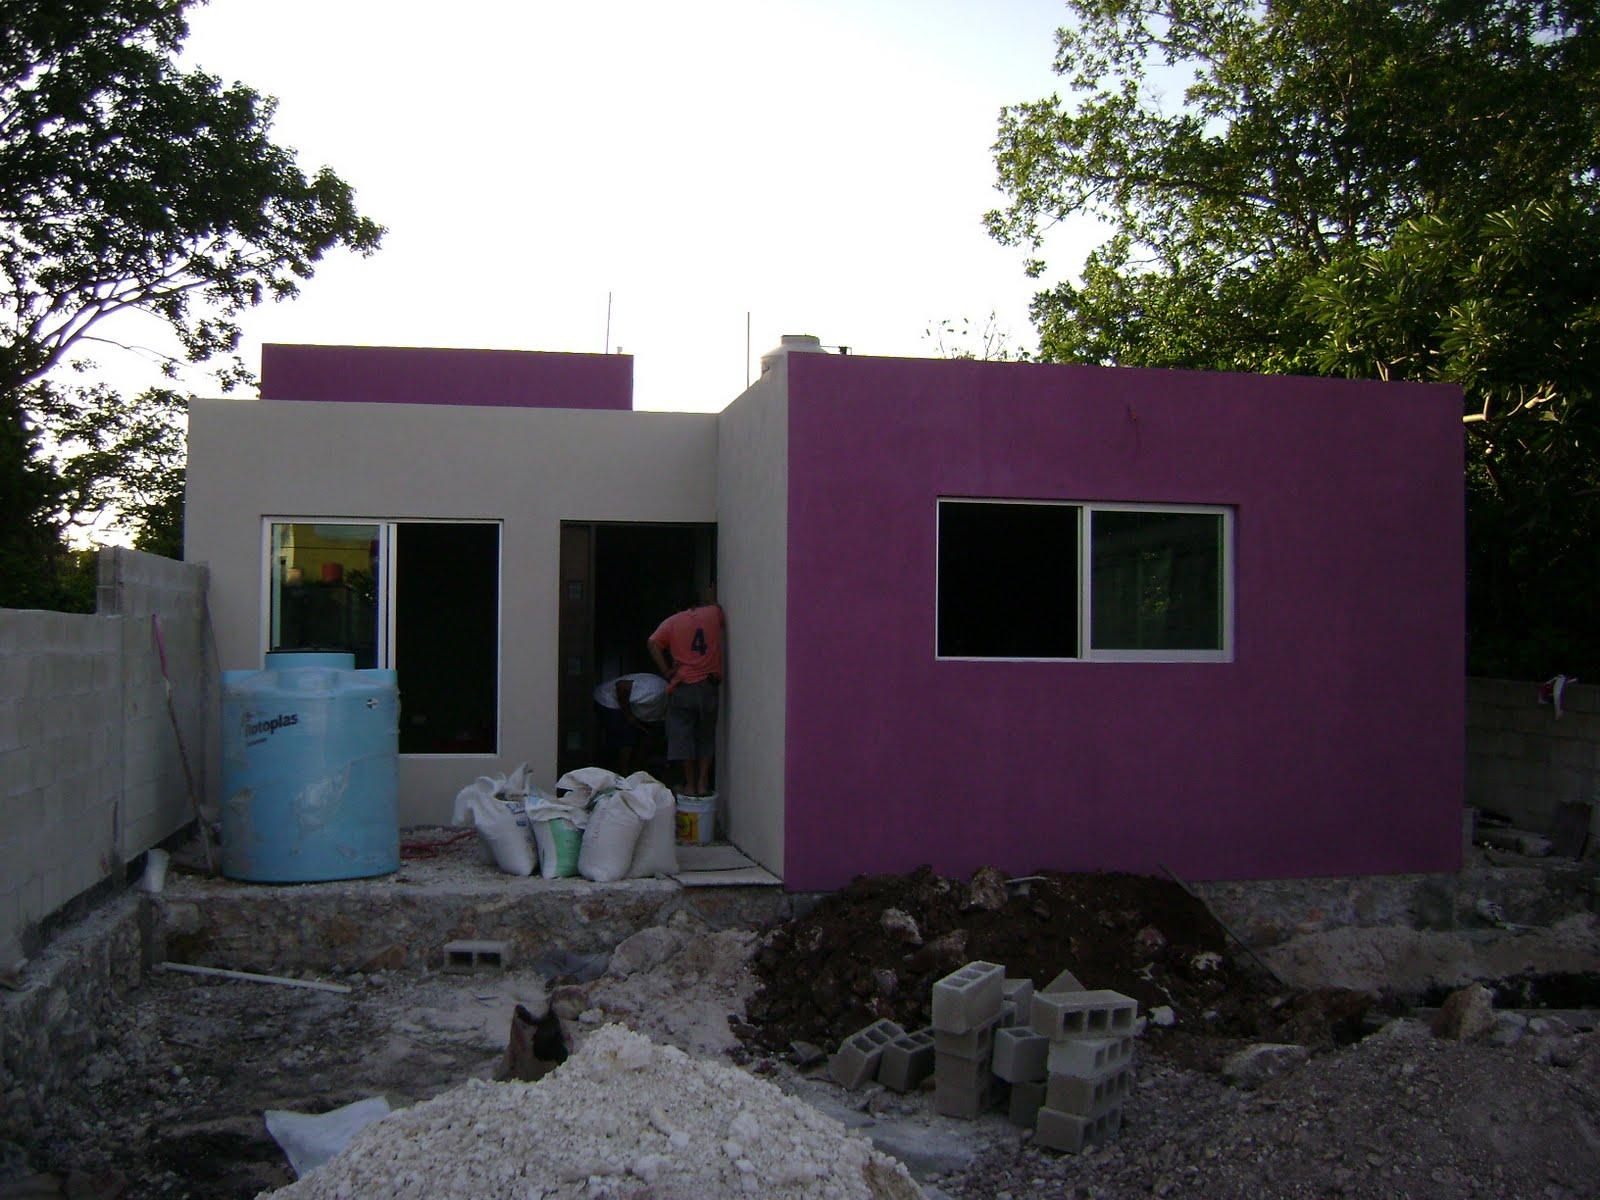 Pintura para exteriores colores - Pintura para fachadas exteriores ...